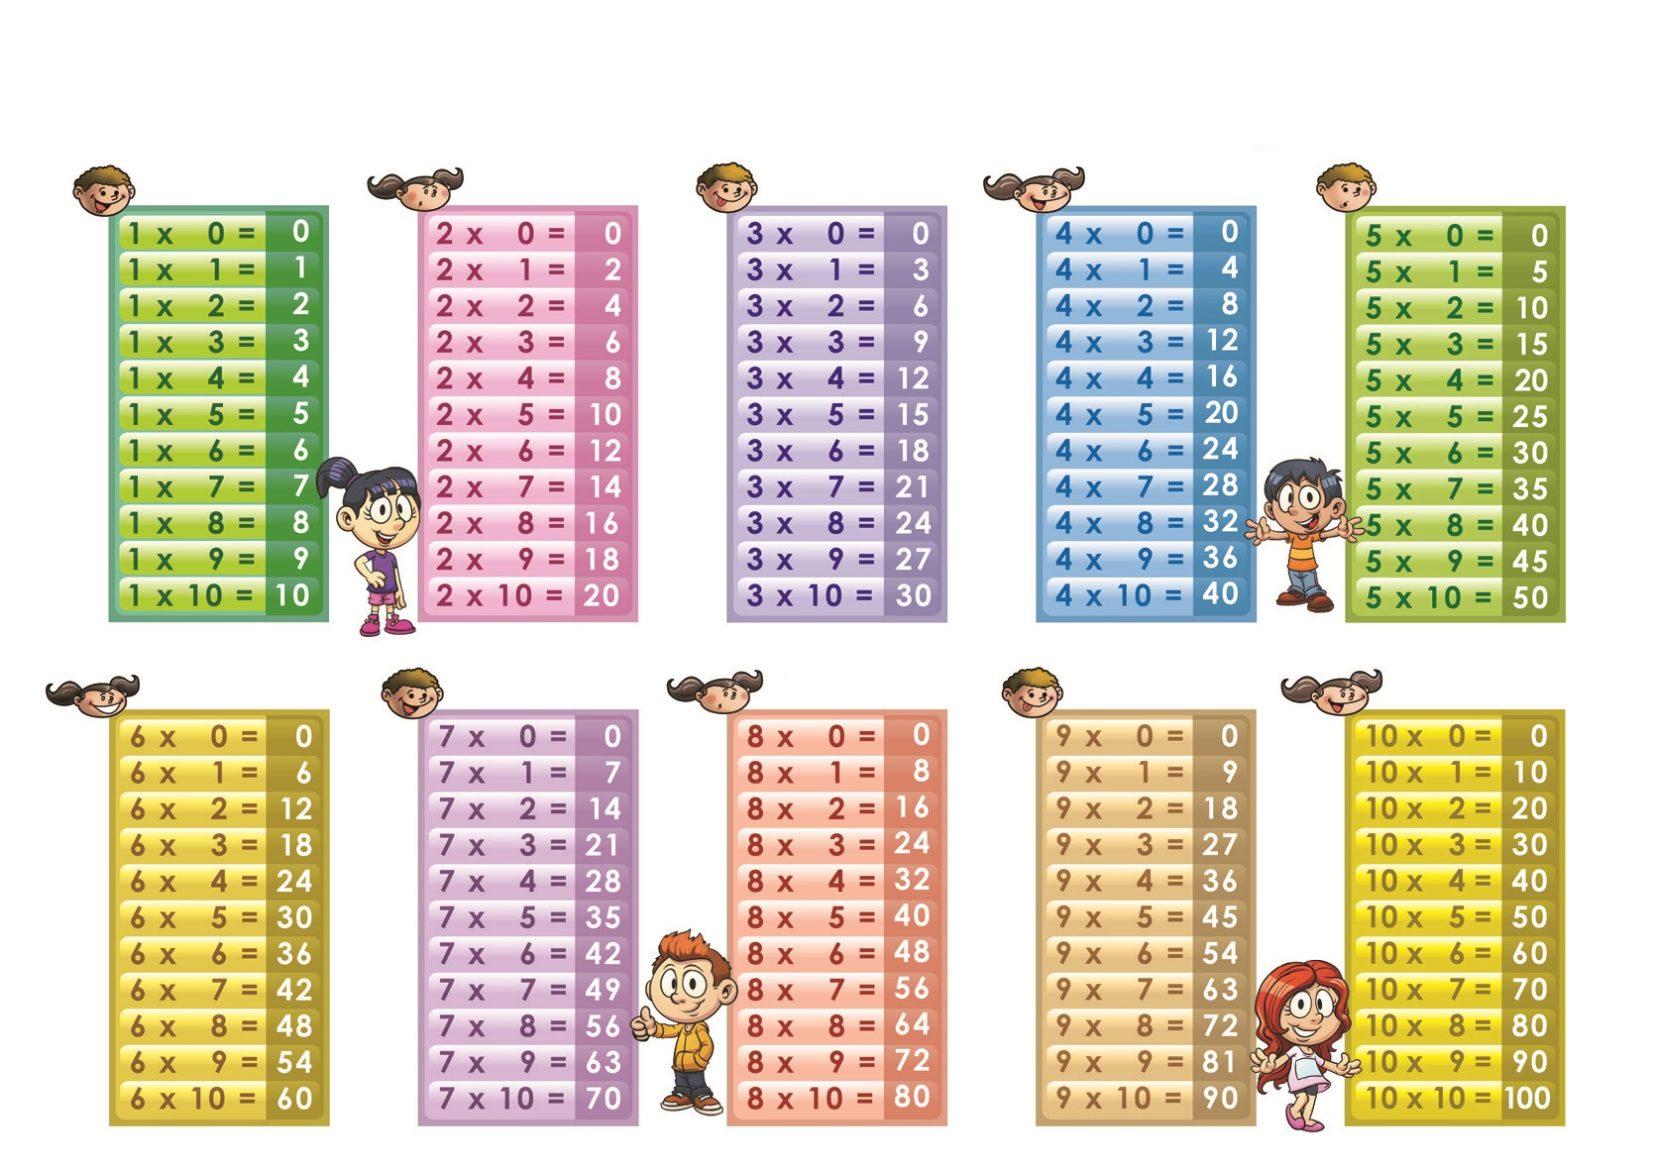 Multiplication 1 12 Worksheet 25 | Printable Worksheets And in Printable Multiplication Table 0-10